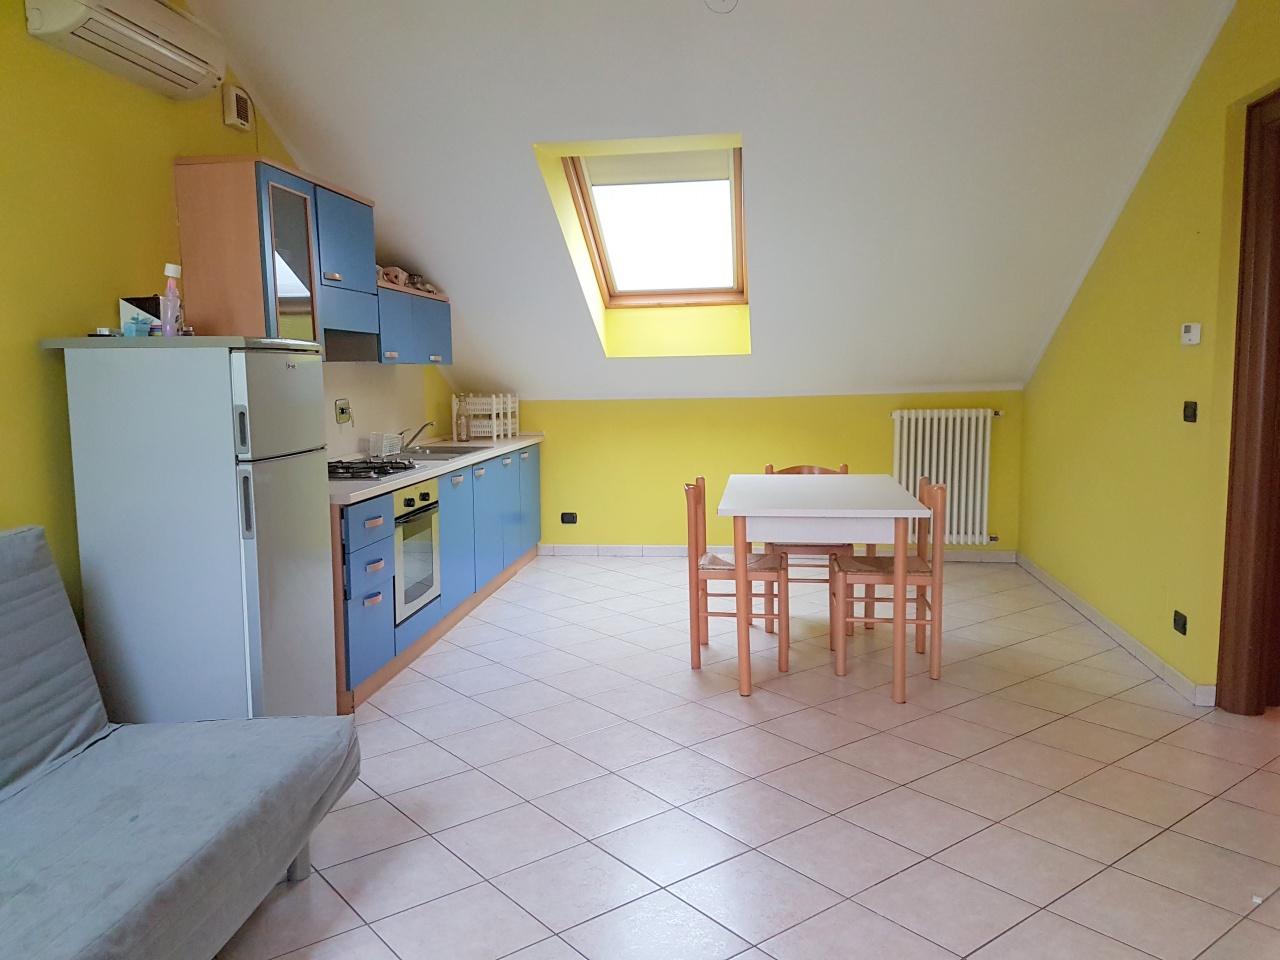 Appartamento in affitto a Chivasso, 2 locali, prezzo € 400 | PortaleAgenzieImmobiliari.it